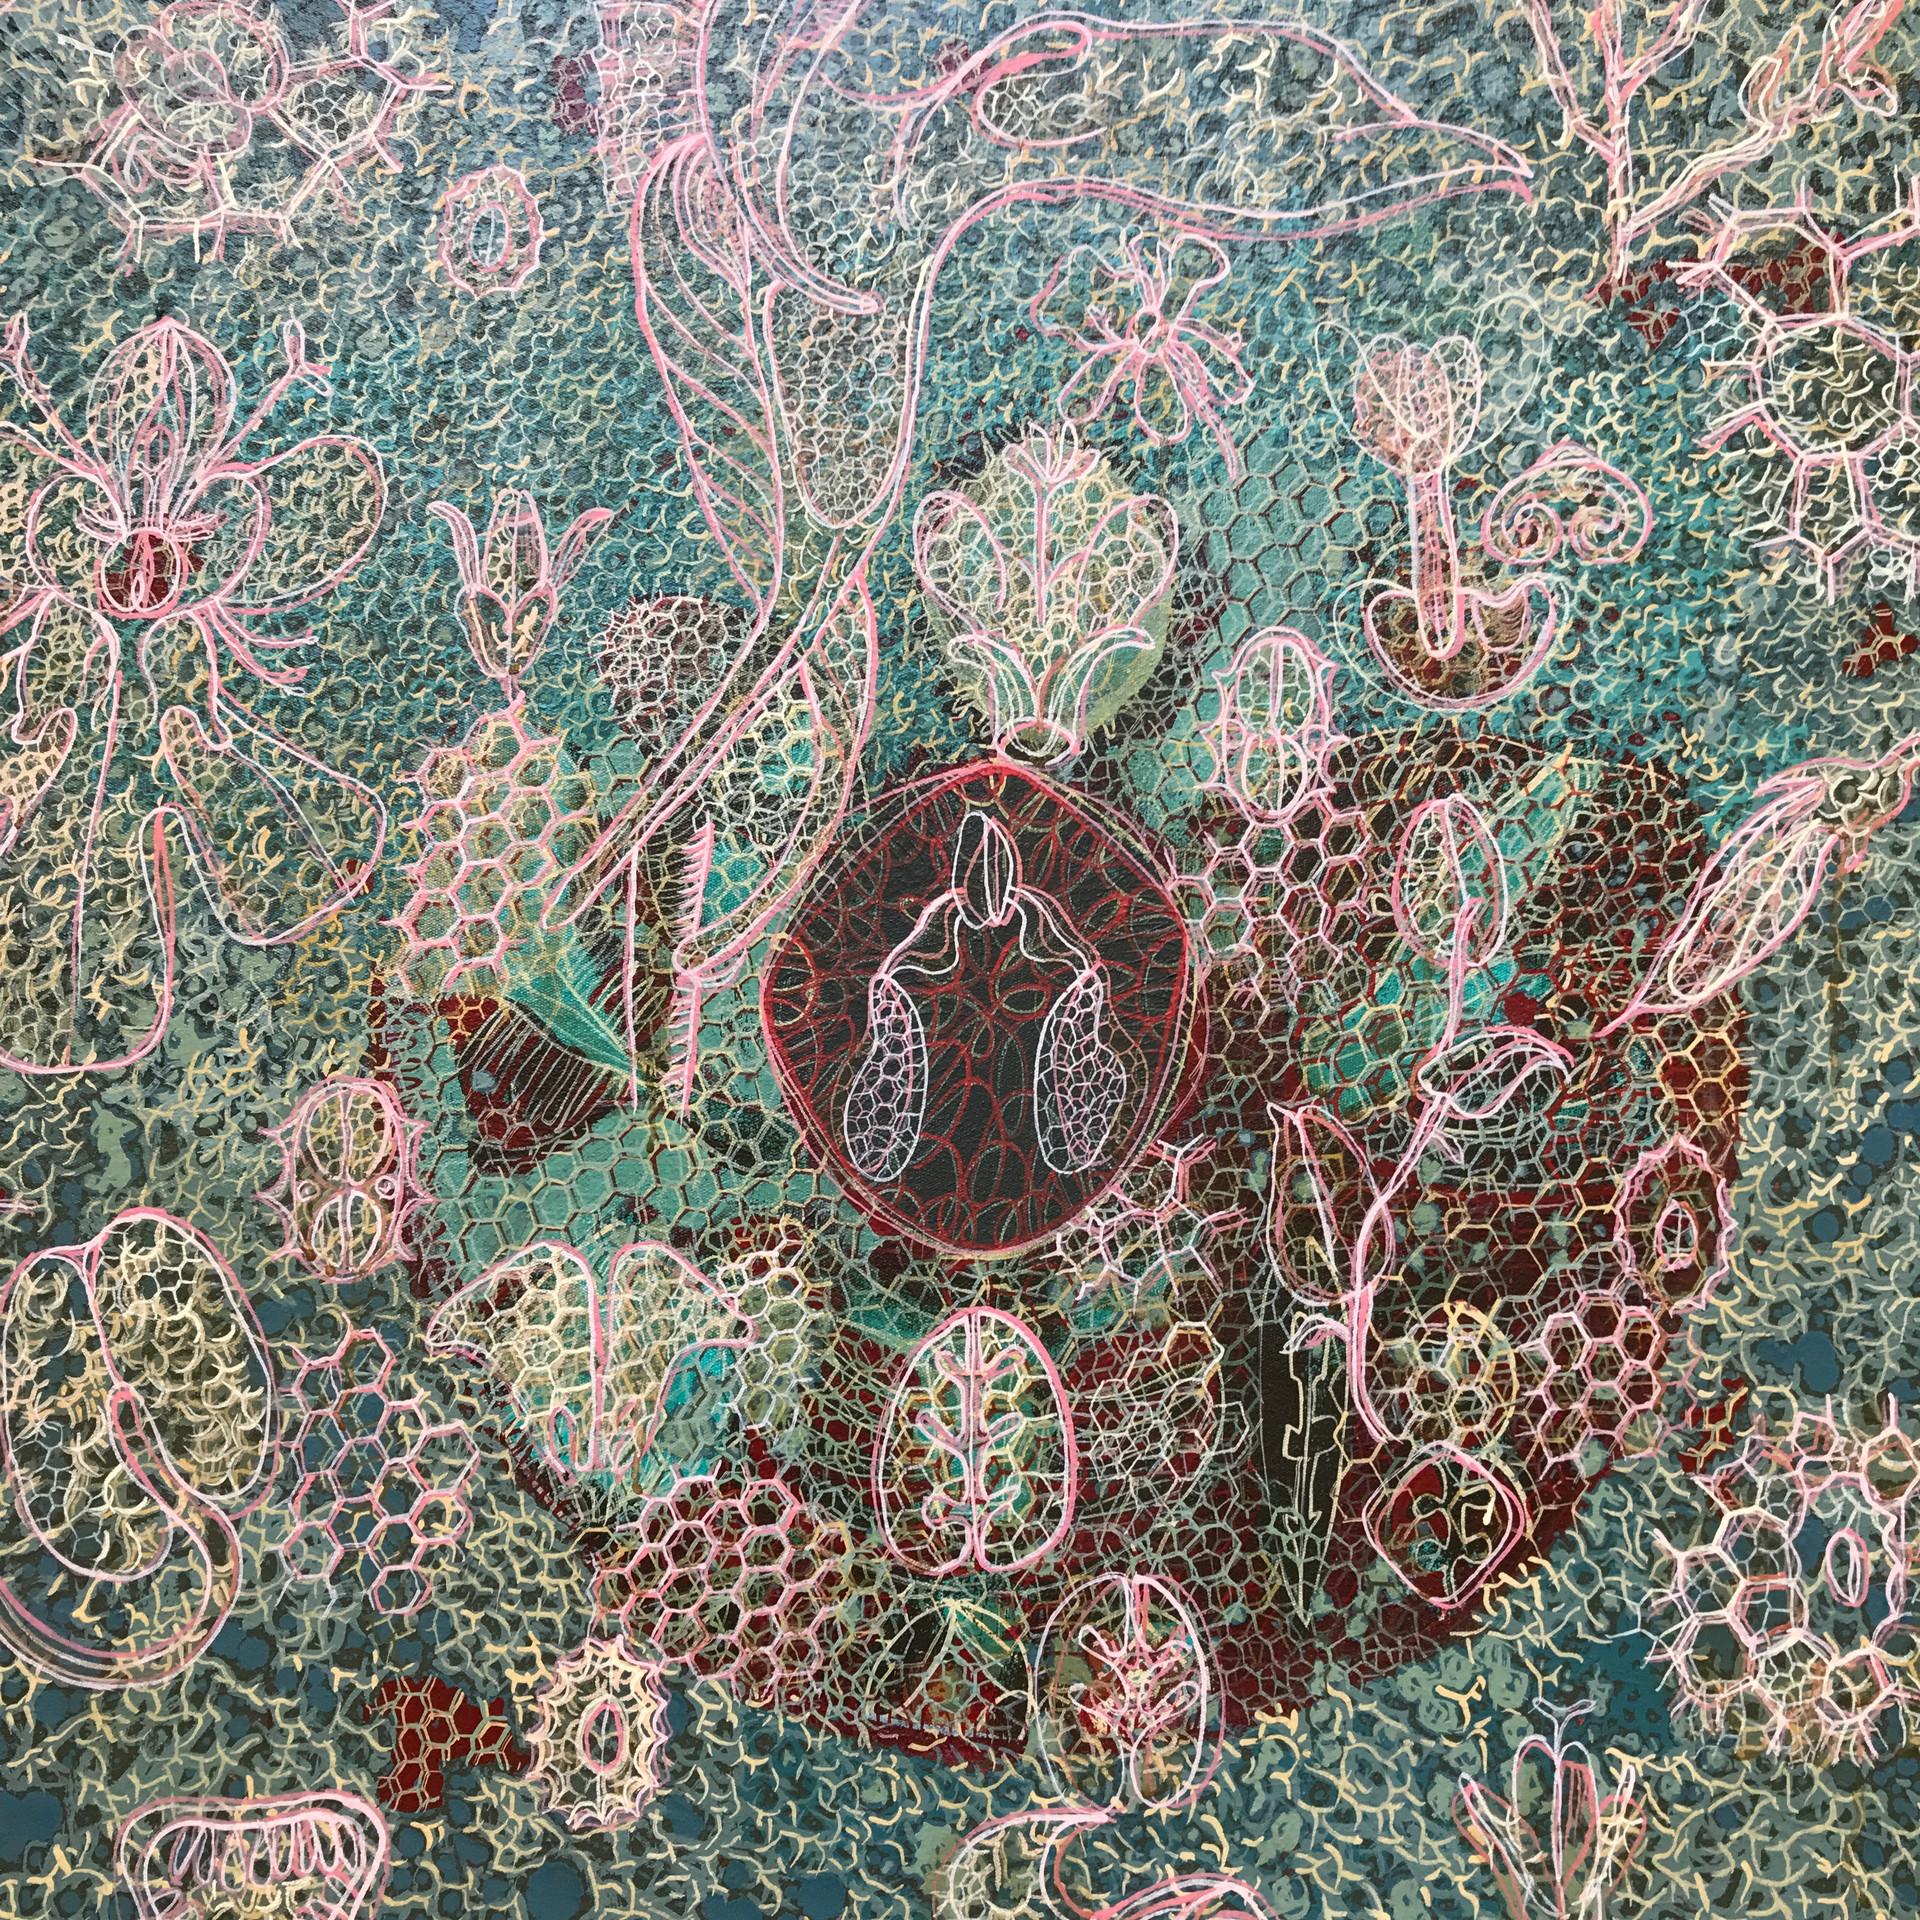 willemien de villiers | orchid, detail |  POA